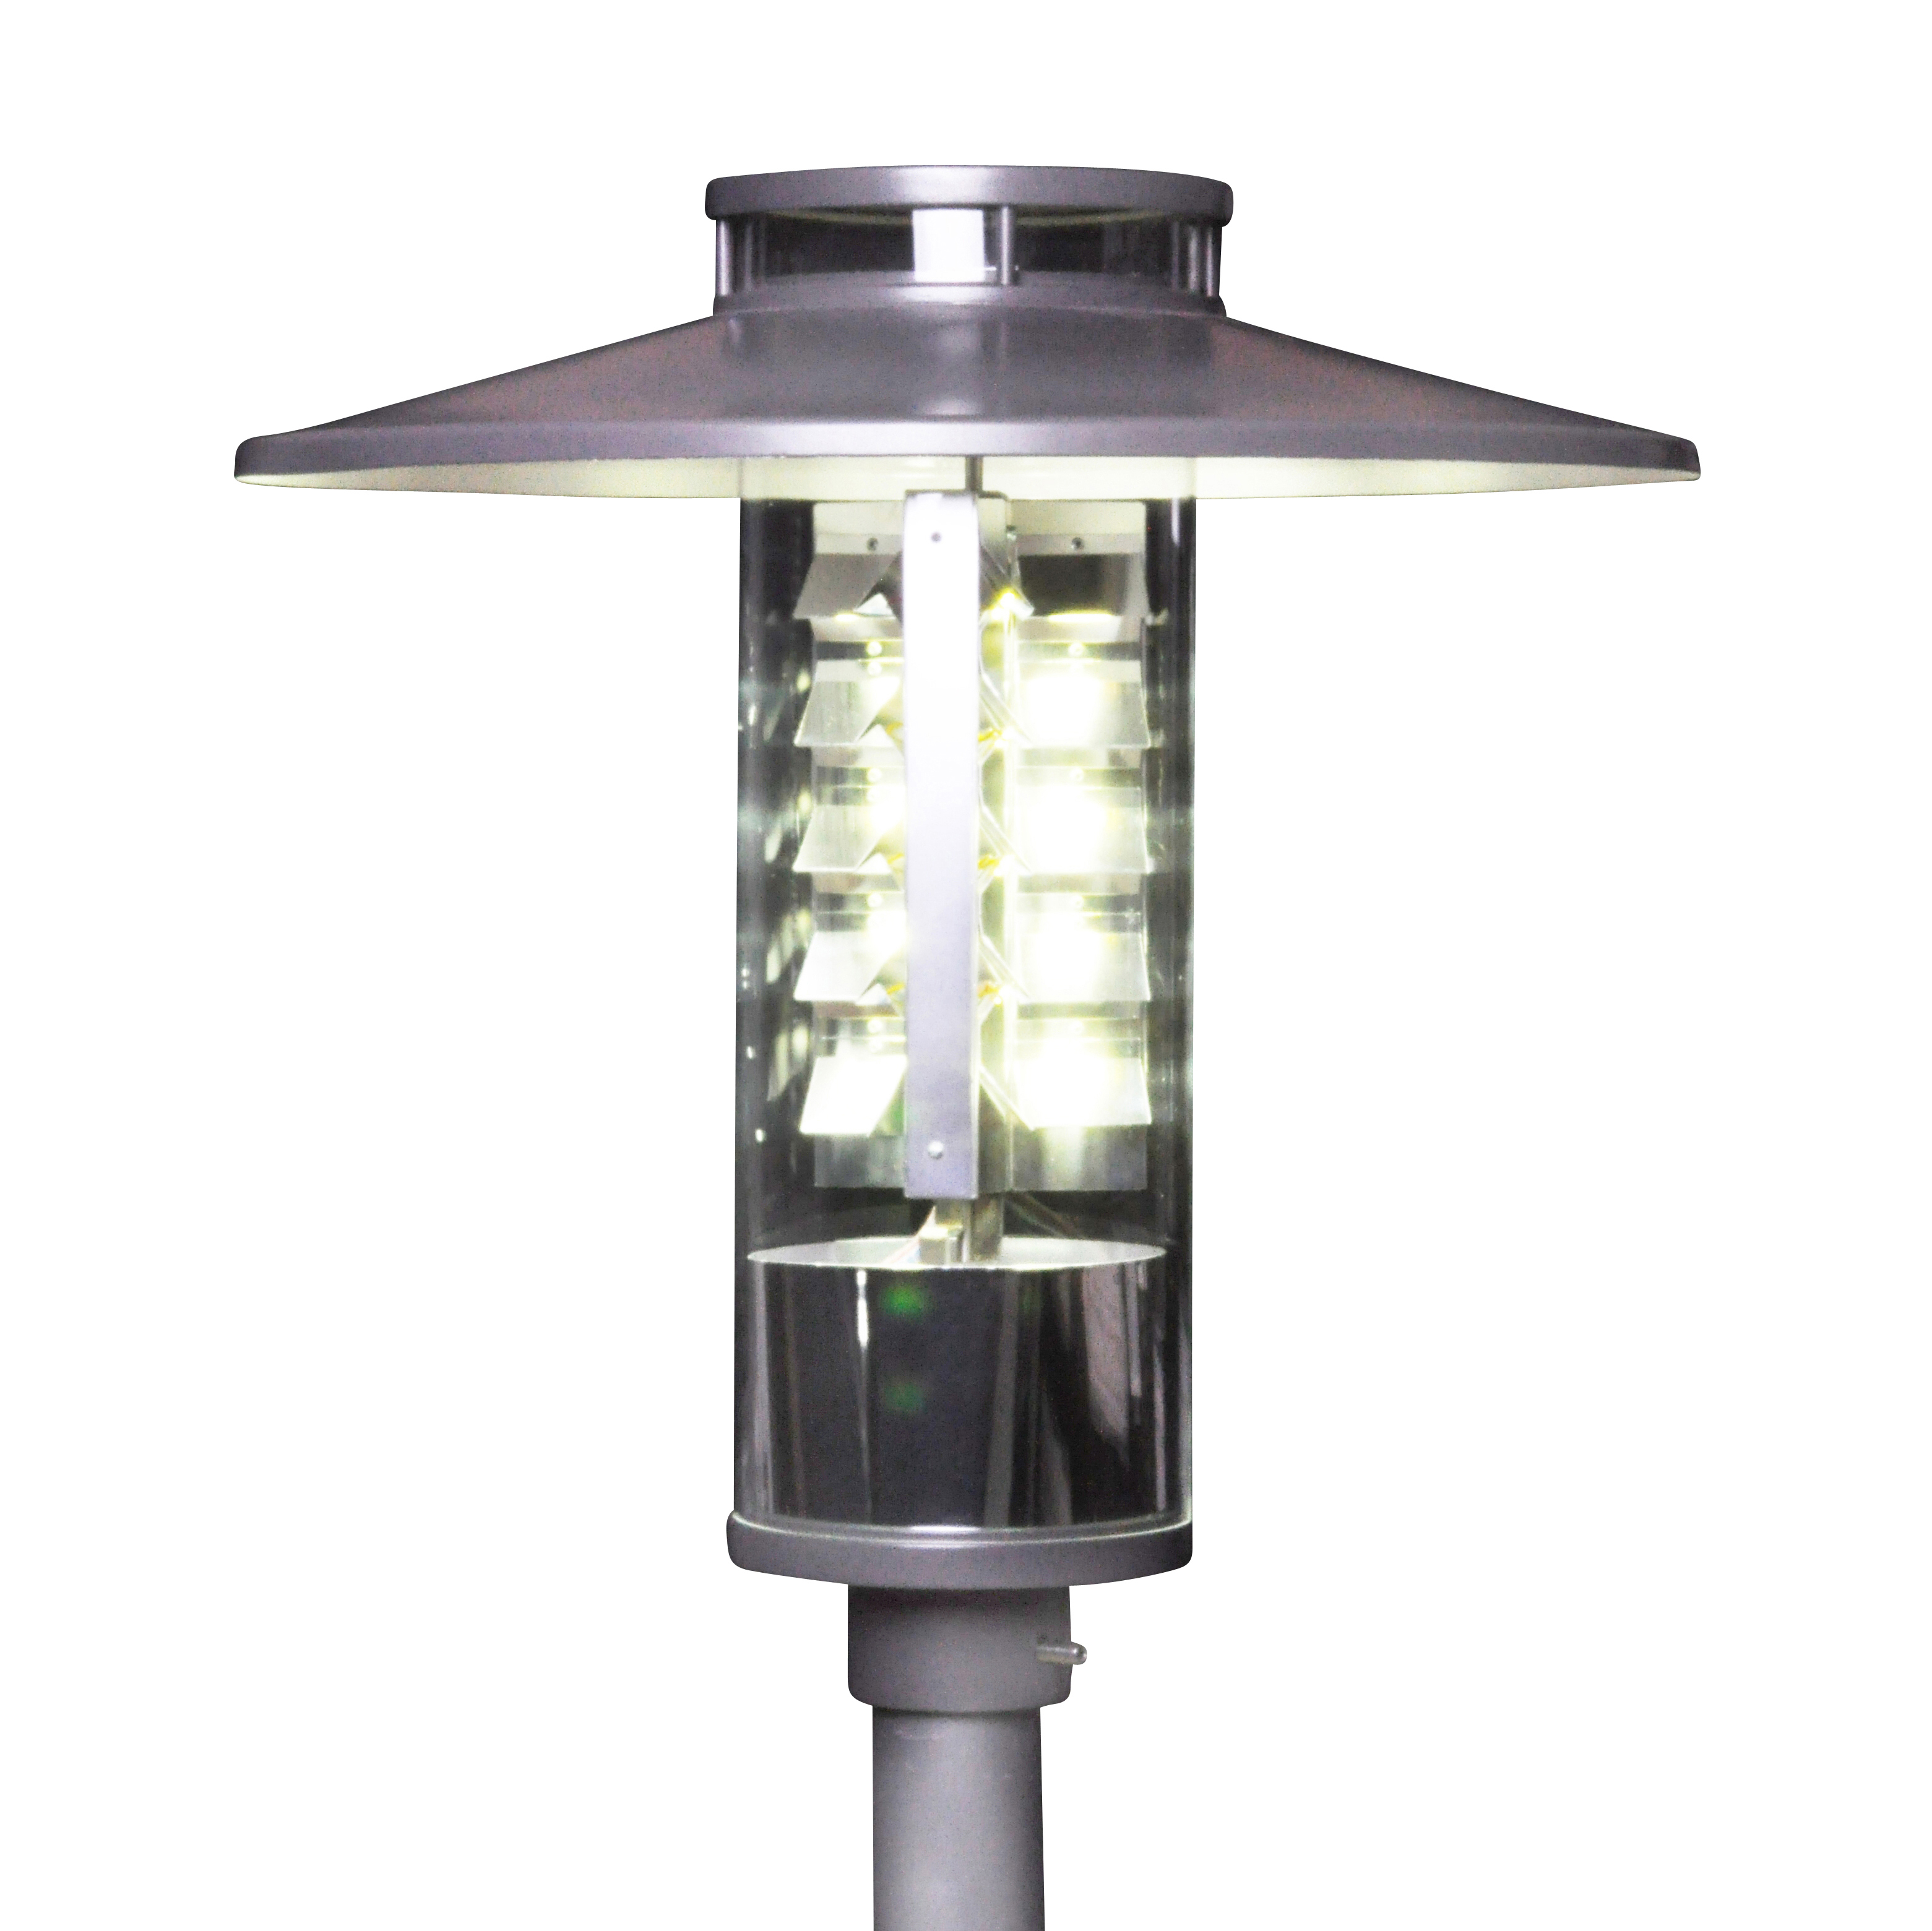 LED Round Luminaire With Skylight   With Umbrella Roof   LED Beleuchtung  Für Städte Und Kommunen   BöSha